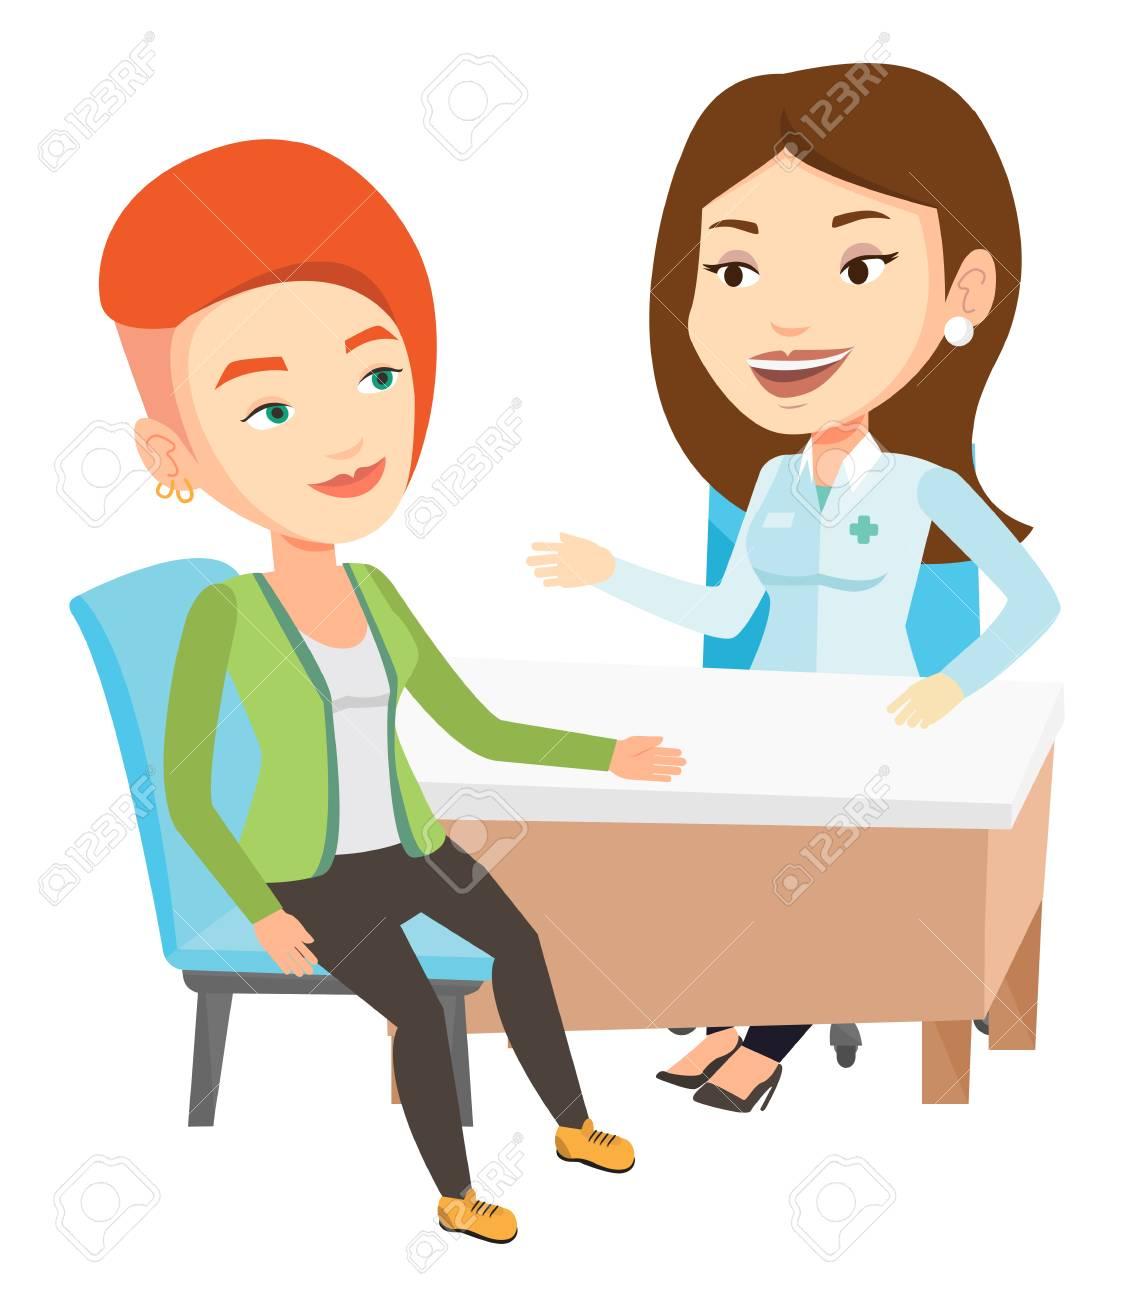 69190672-doctor-caucásico-paciente-consultar-en-la-oficina-el-doctor-habla-con-el-paciente-médico-de-la-comunicac